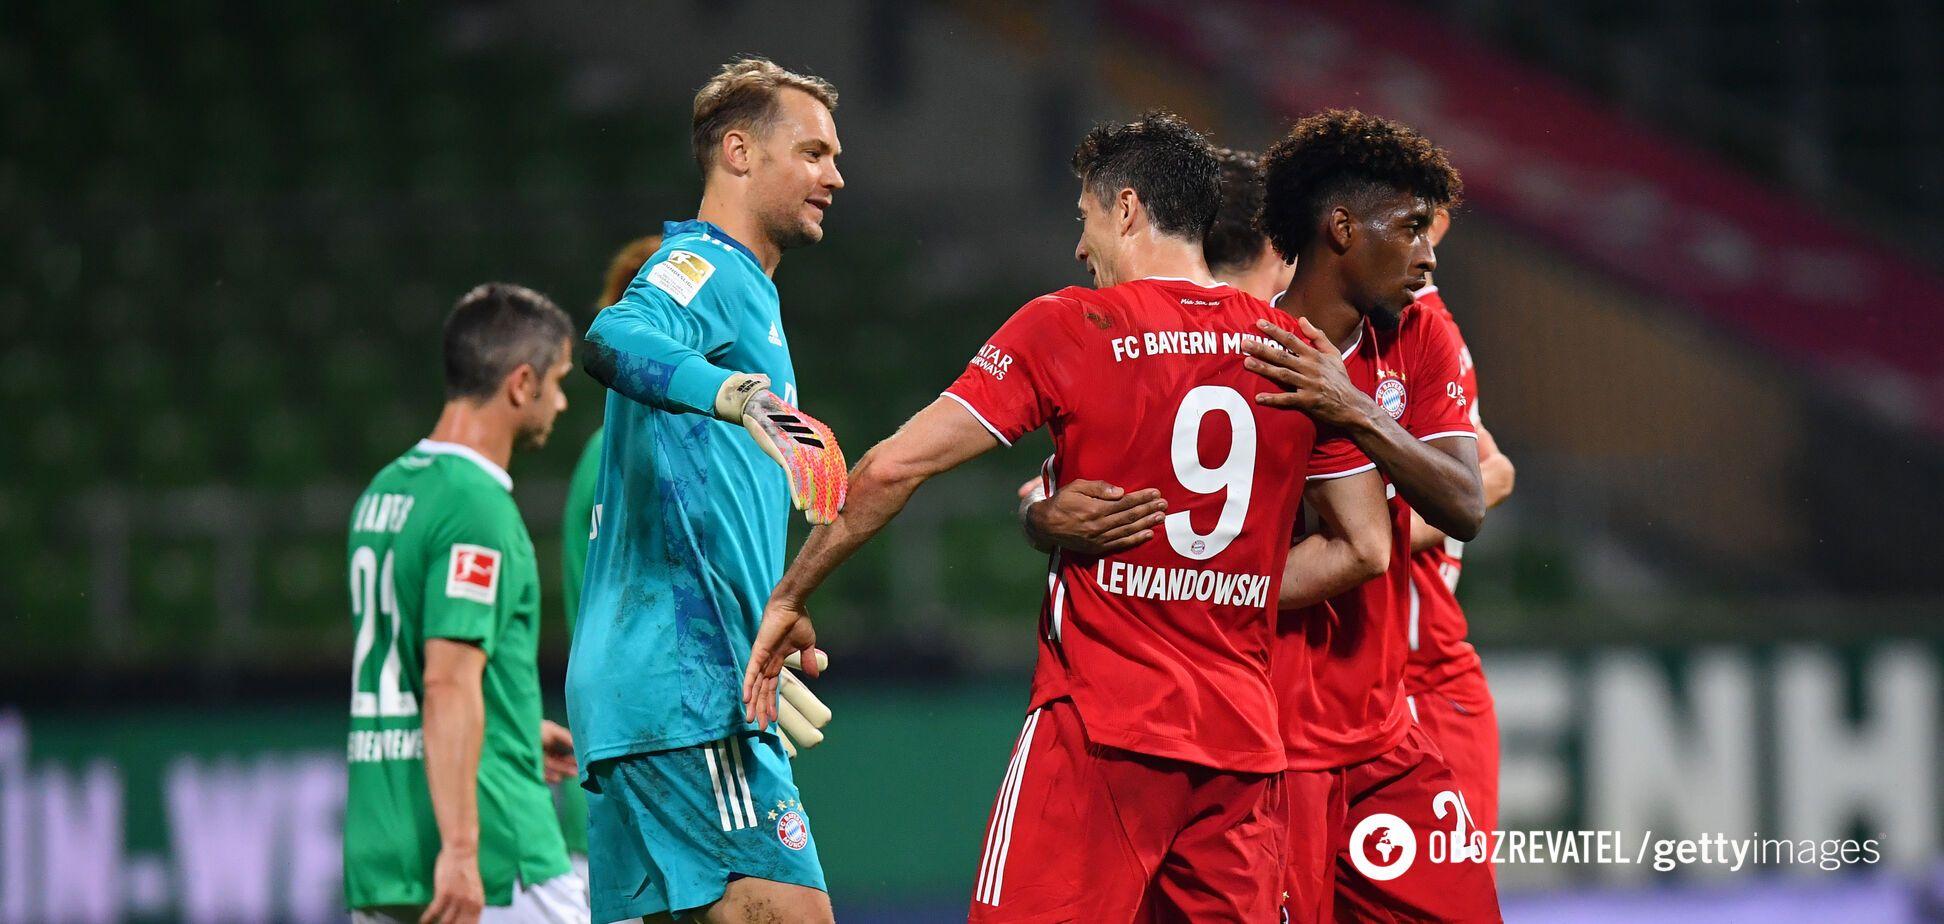 Визначився чемпіон Німеччини з футболу